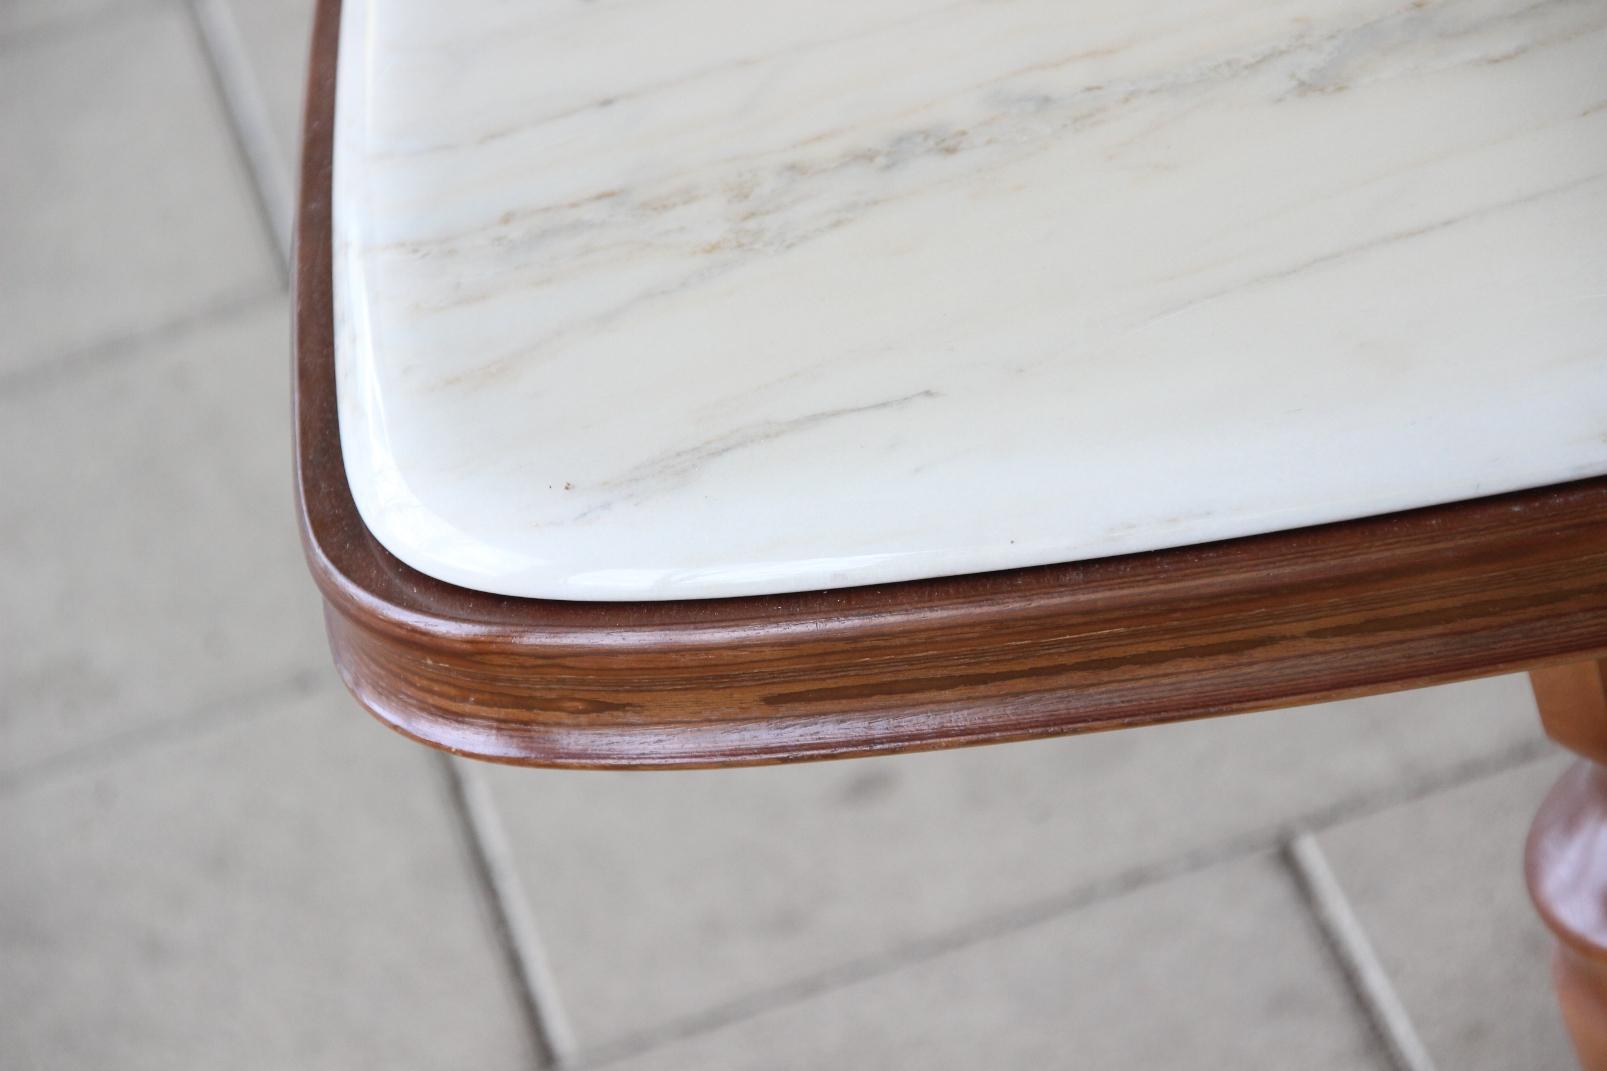 Couchtisch mahagoni holz marmor steinplatte for Marmor tischplatte oval